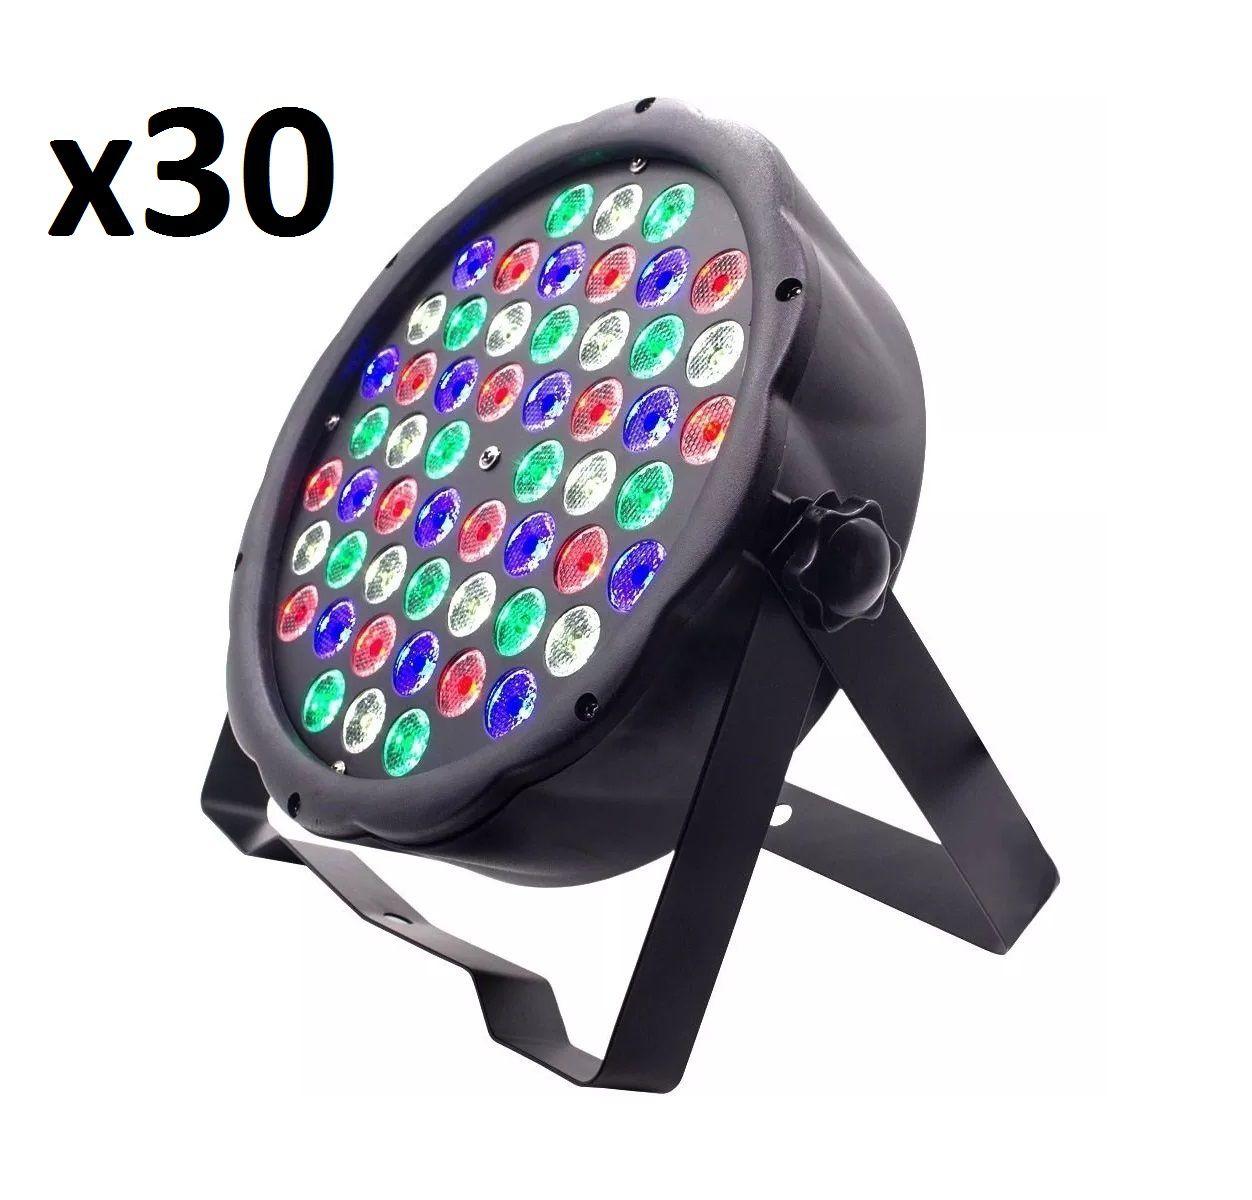 Kit 30x Canhão de Luz Led Par 64 RBGW 54 Leds 3w Strobo Dmx Digital